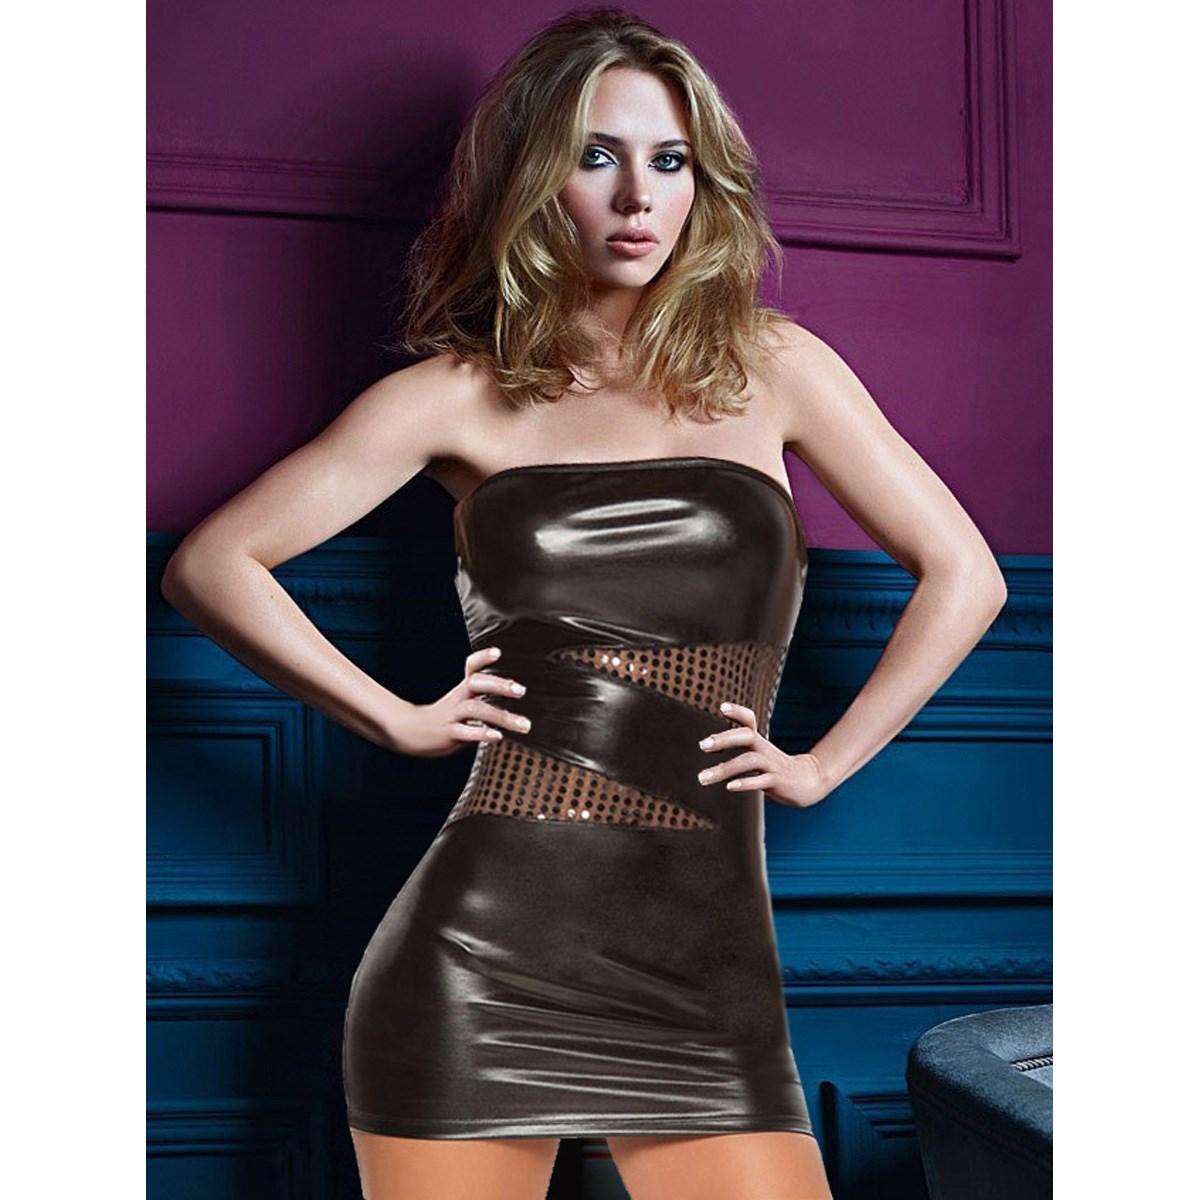 Robe de club Sexy pour femmes avec poitrine enveloppée de simili cuir et collants laqués Perspective robe fesse dos nu à poitrine basse 1